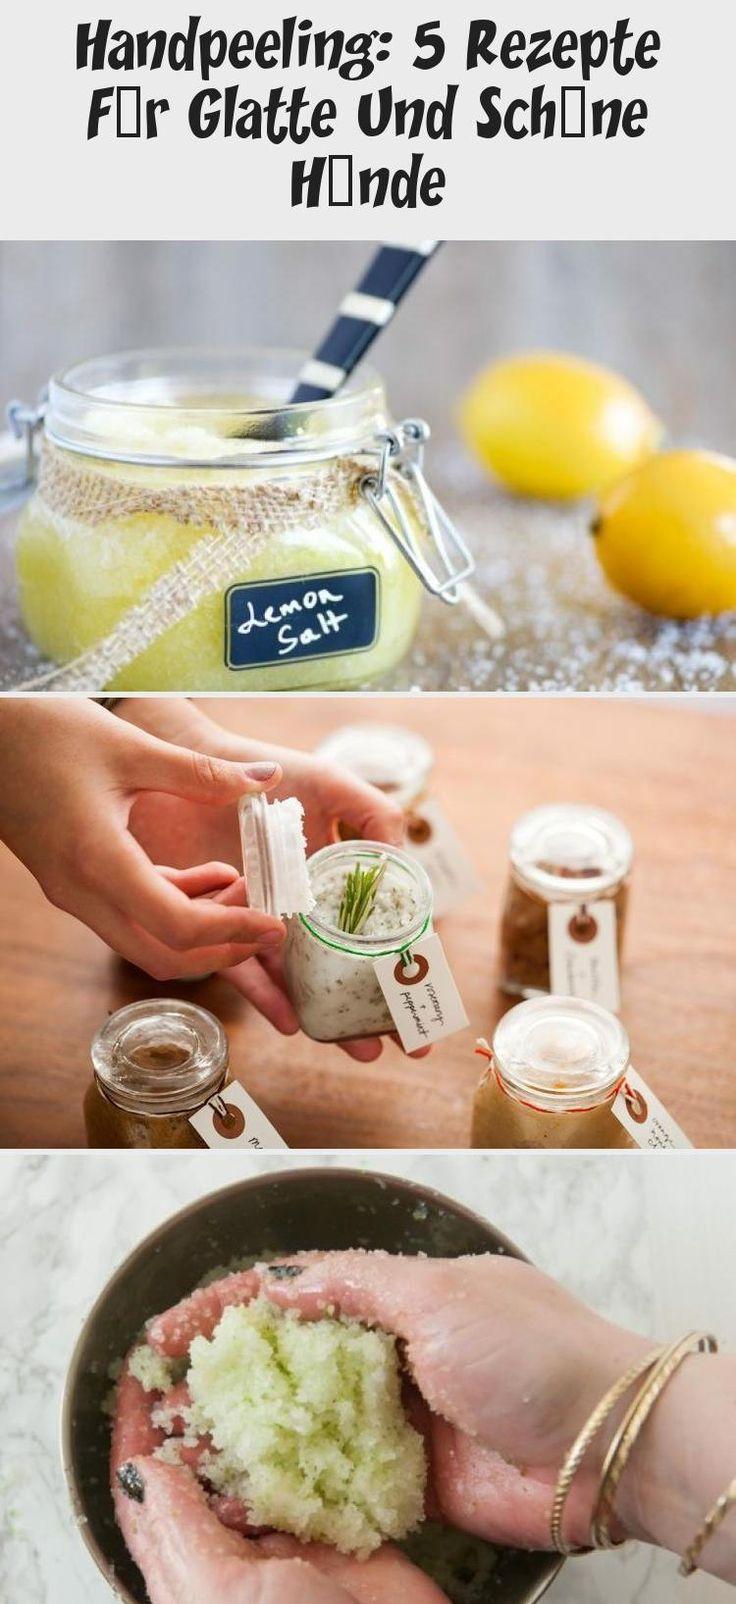 Handpeeling: 5 Rezepte Für Glatte Und Schöne Hände